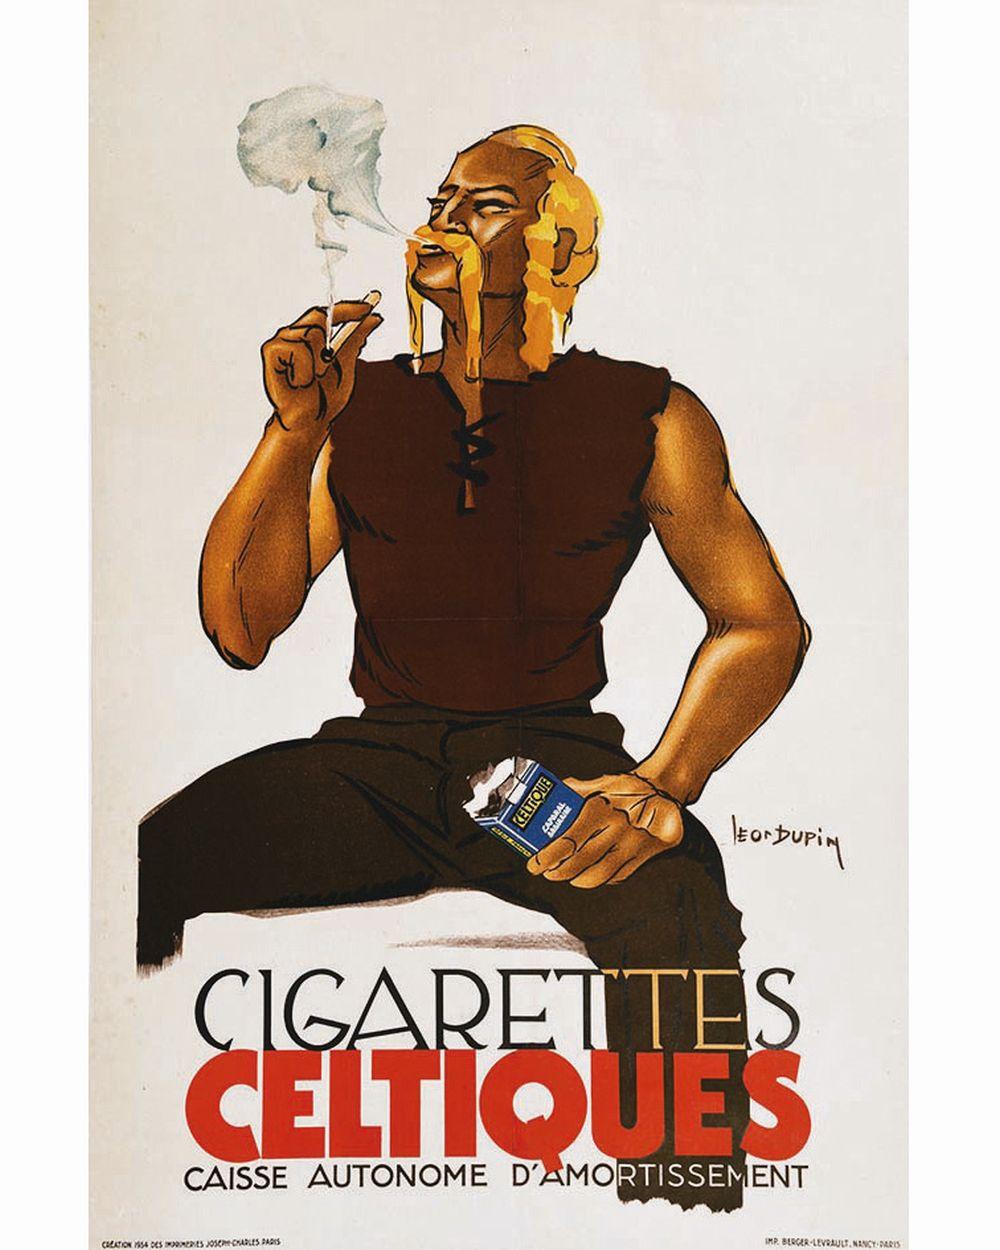 DUPIN LEON - Cigarettes Celtiques     1934